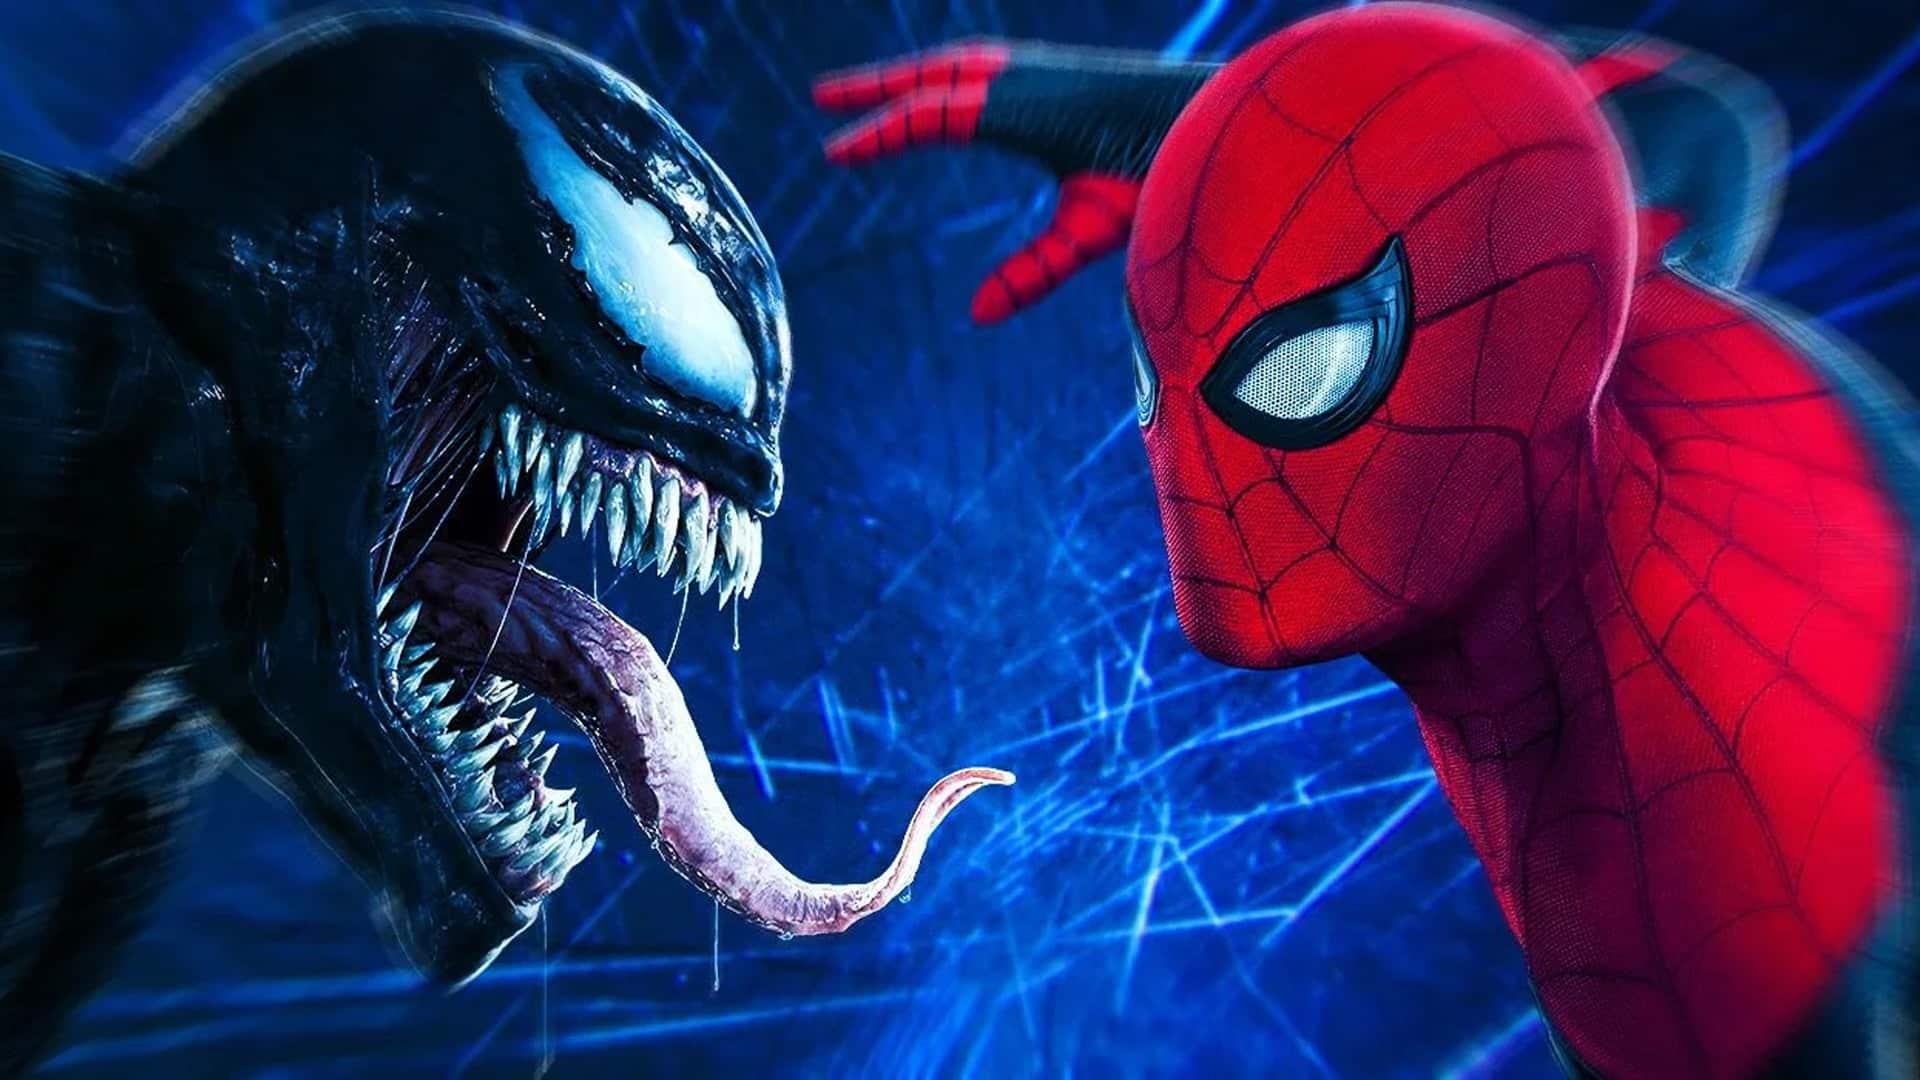 končí Spider-Man v MCU